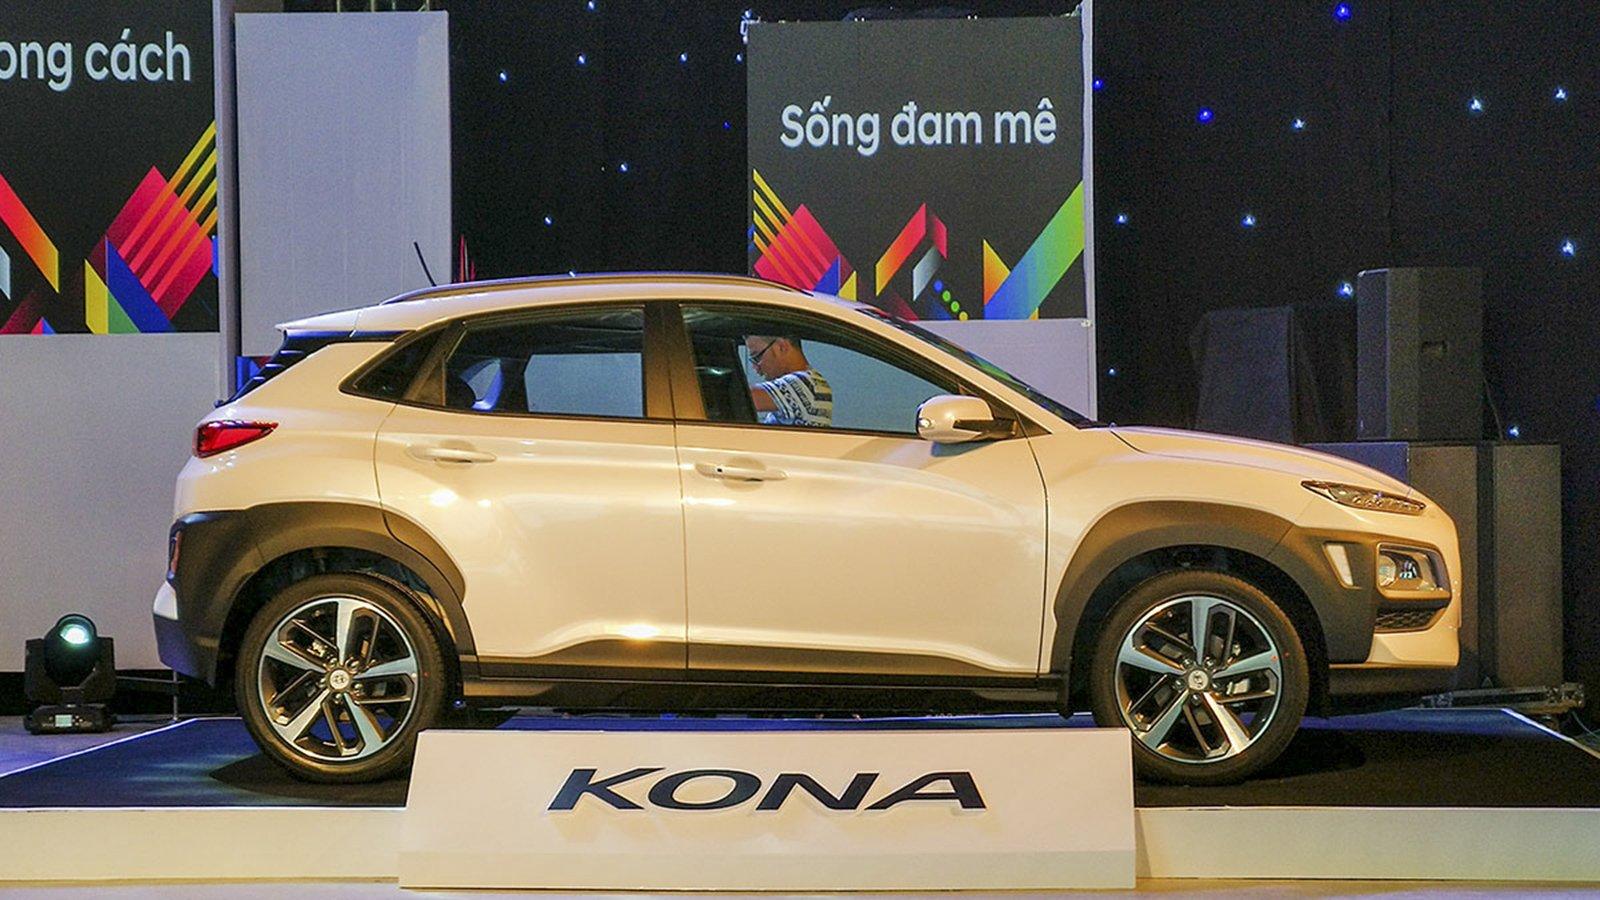 Ảnh thân xe Hyundai Kona 2020